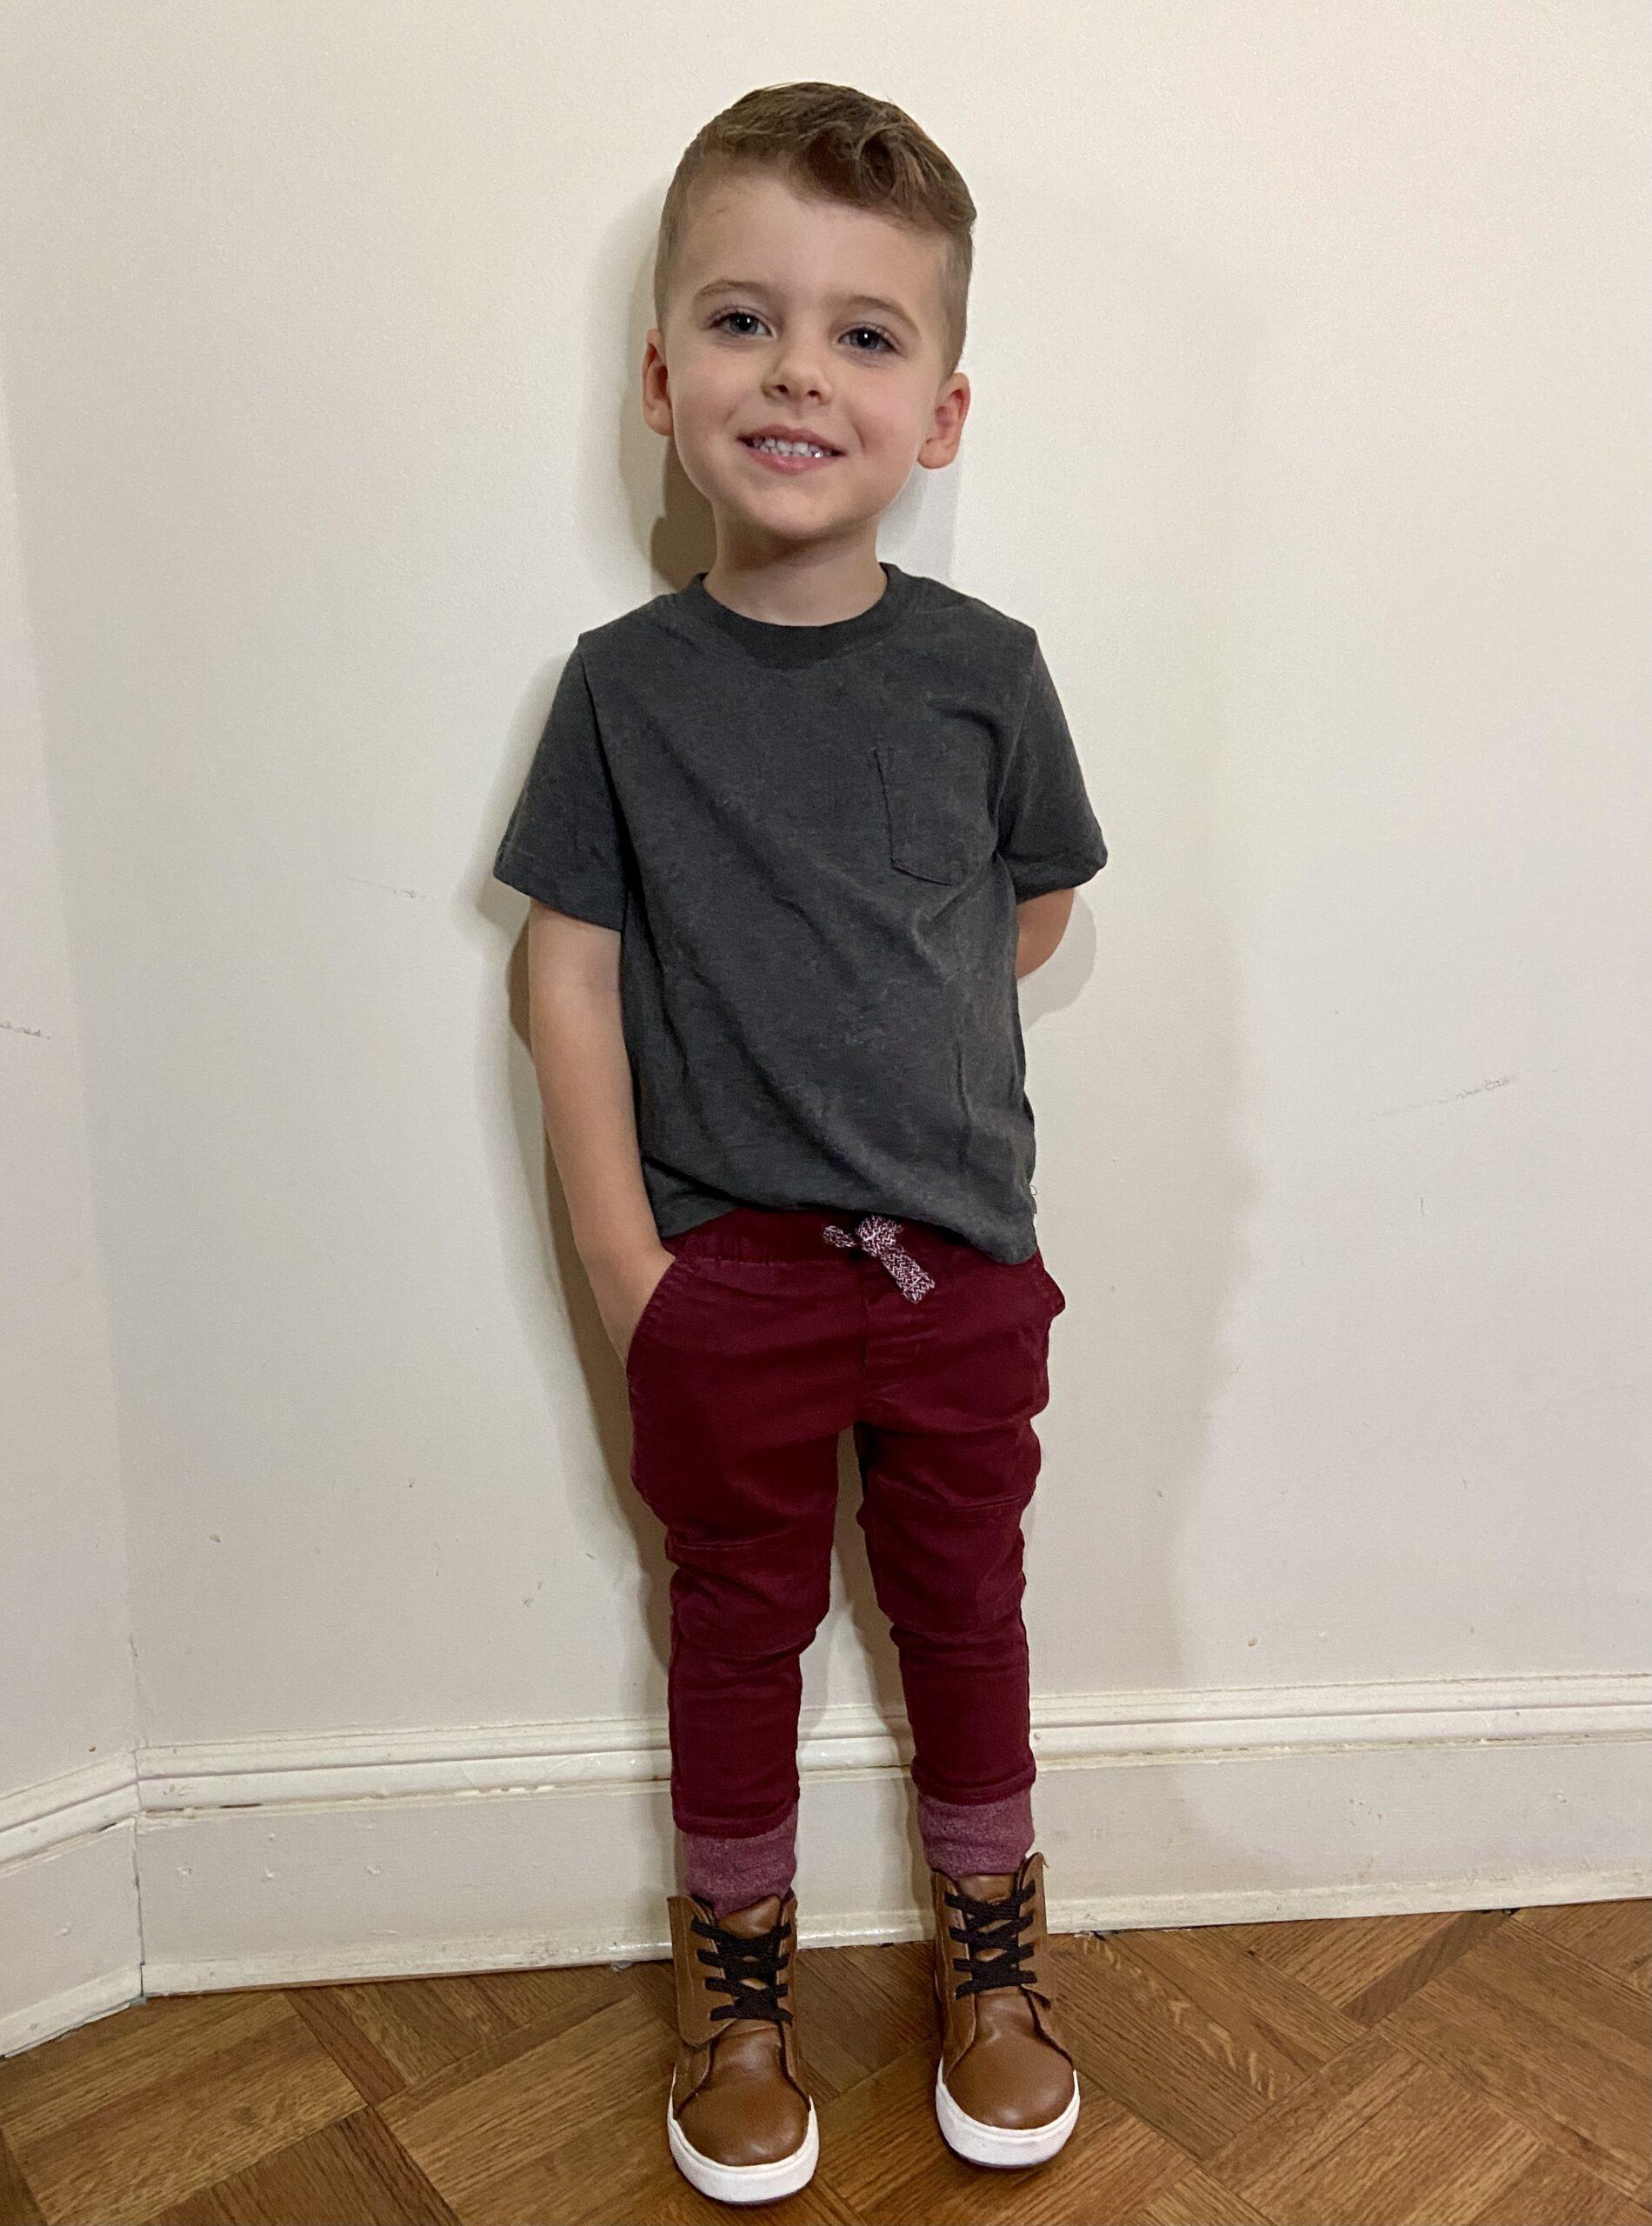 Skyler Hesington September 2021 - 3.5 years old